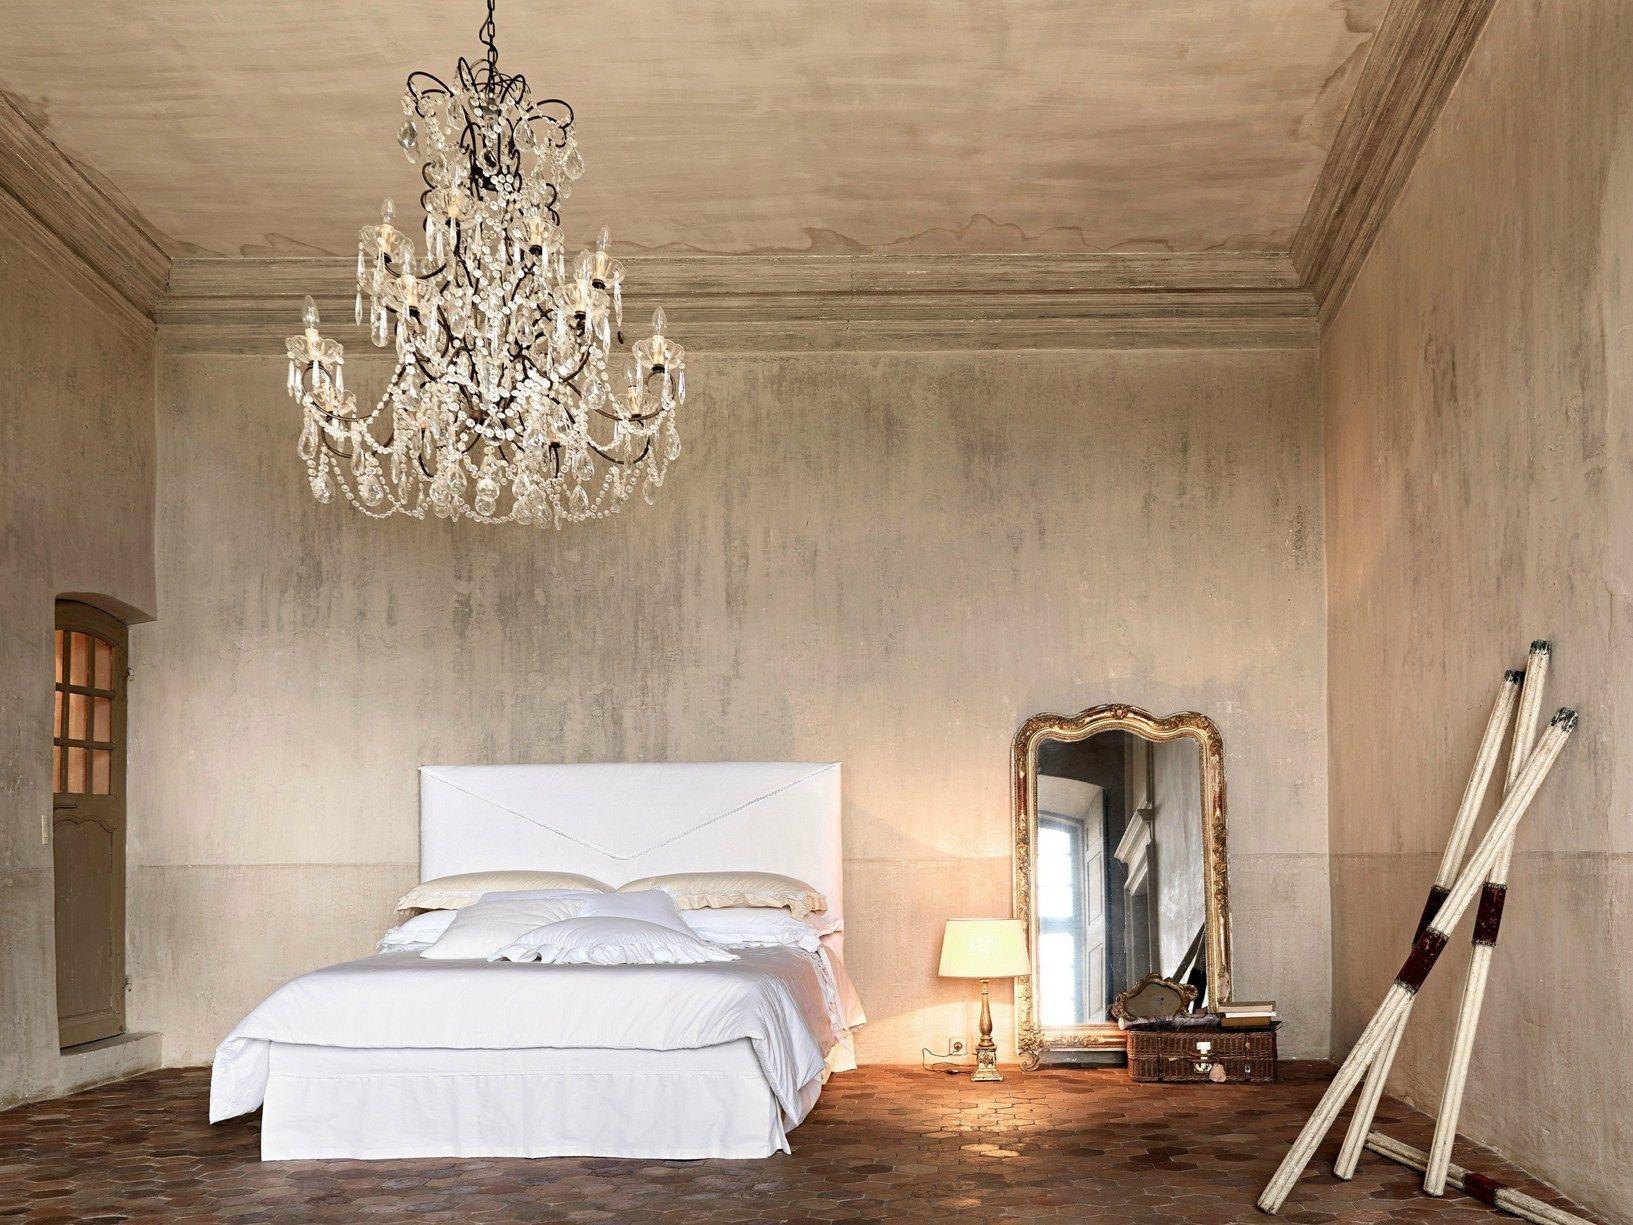 Camere Da Letto Stile Francese : Camera da letto stile provenzale u tecasrl